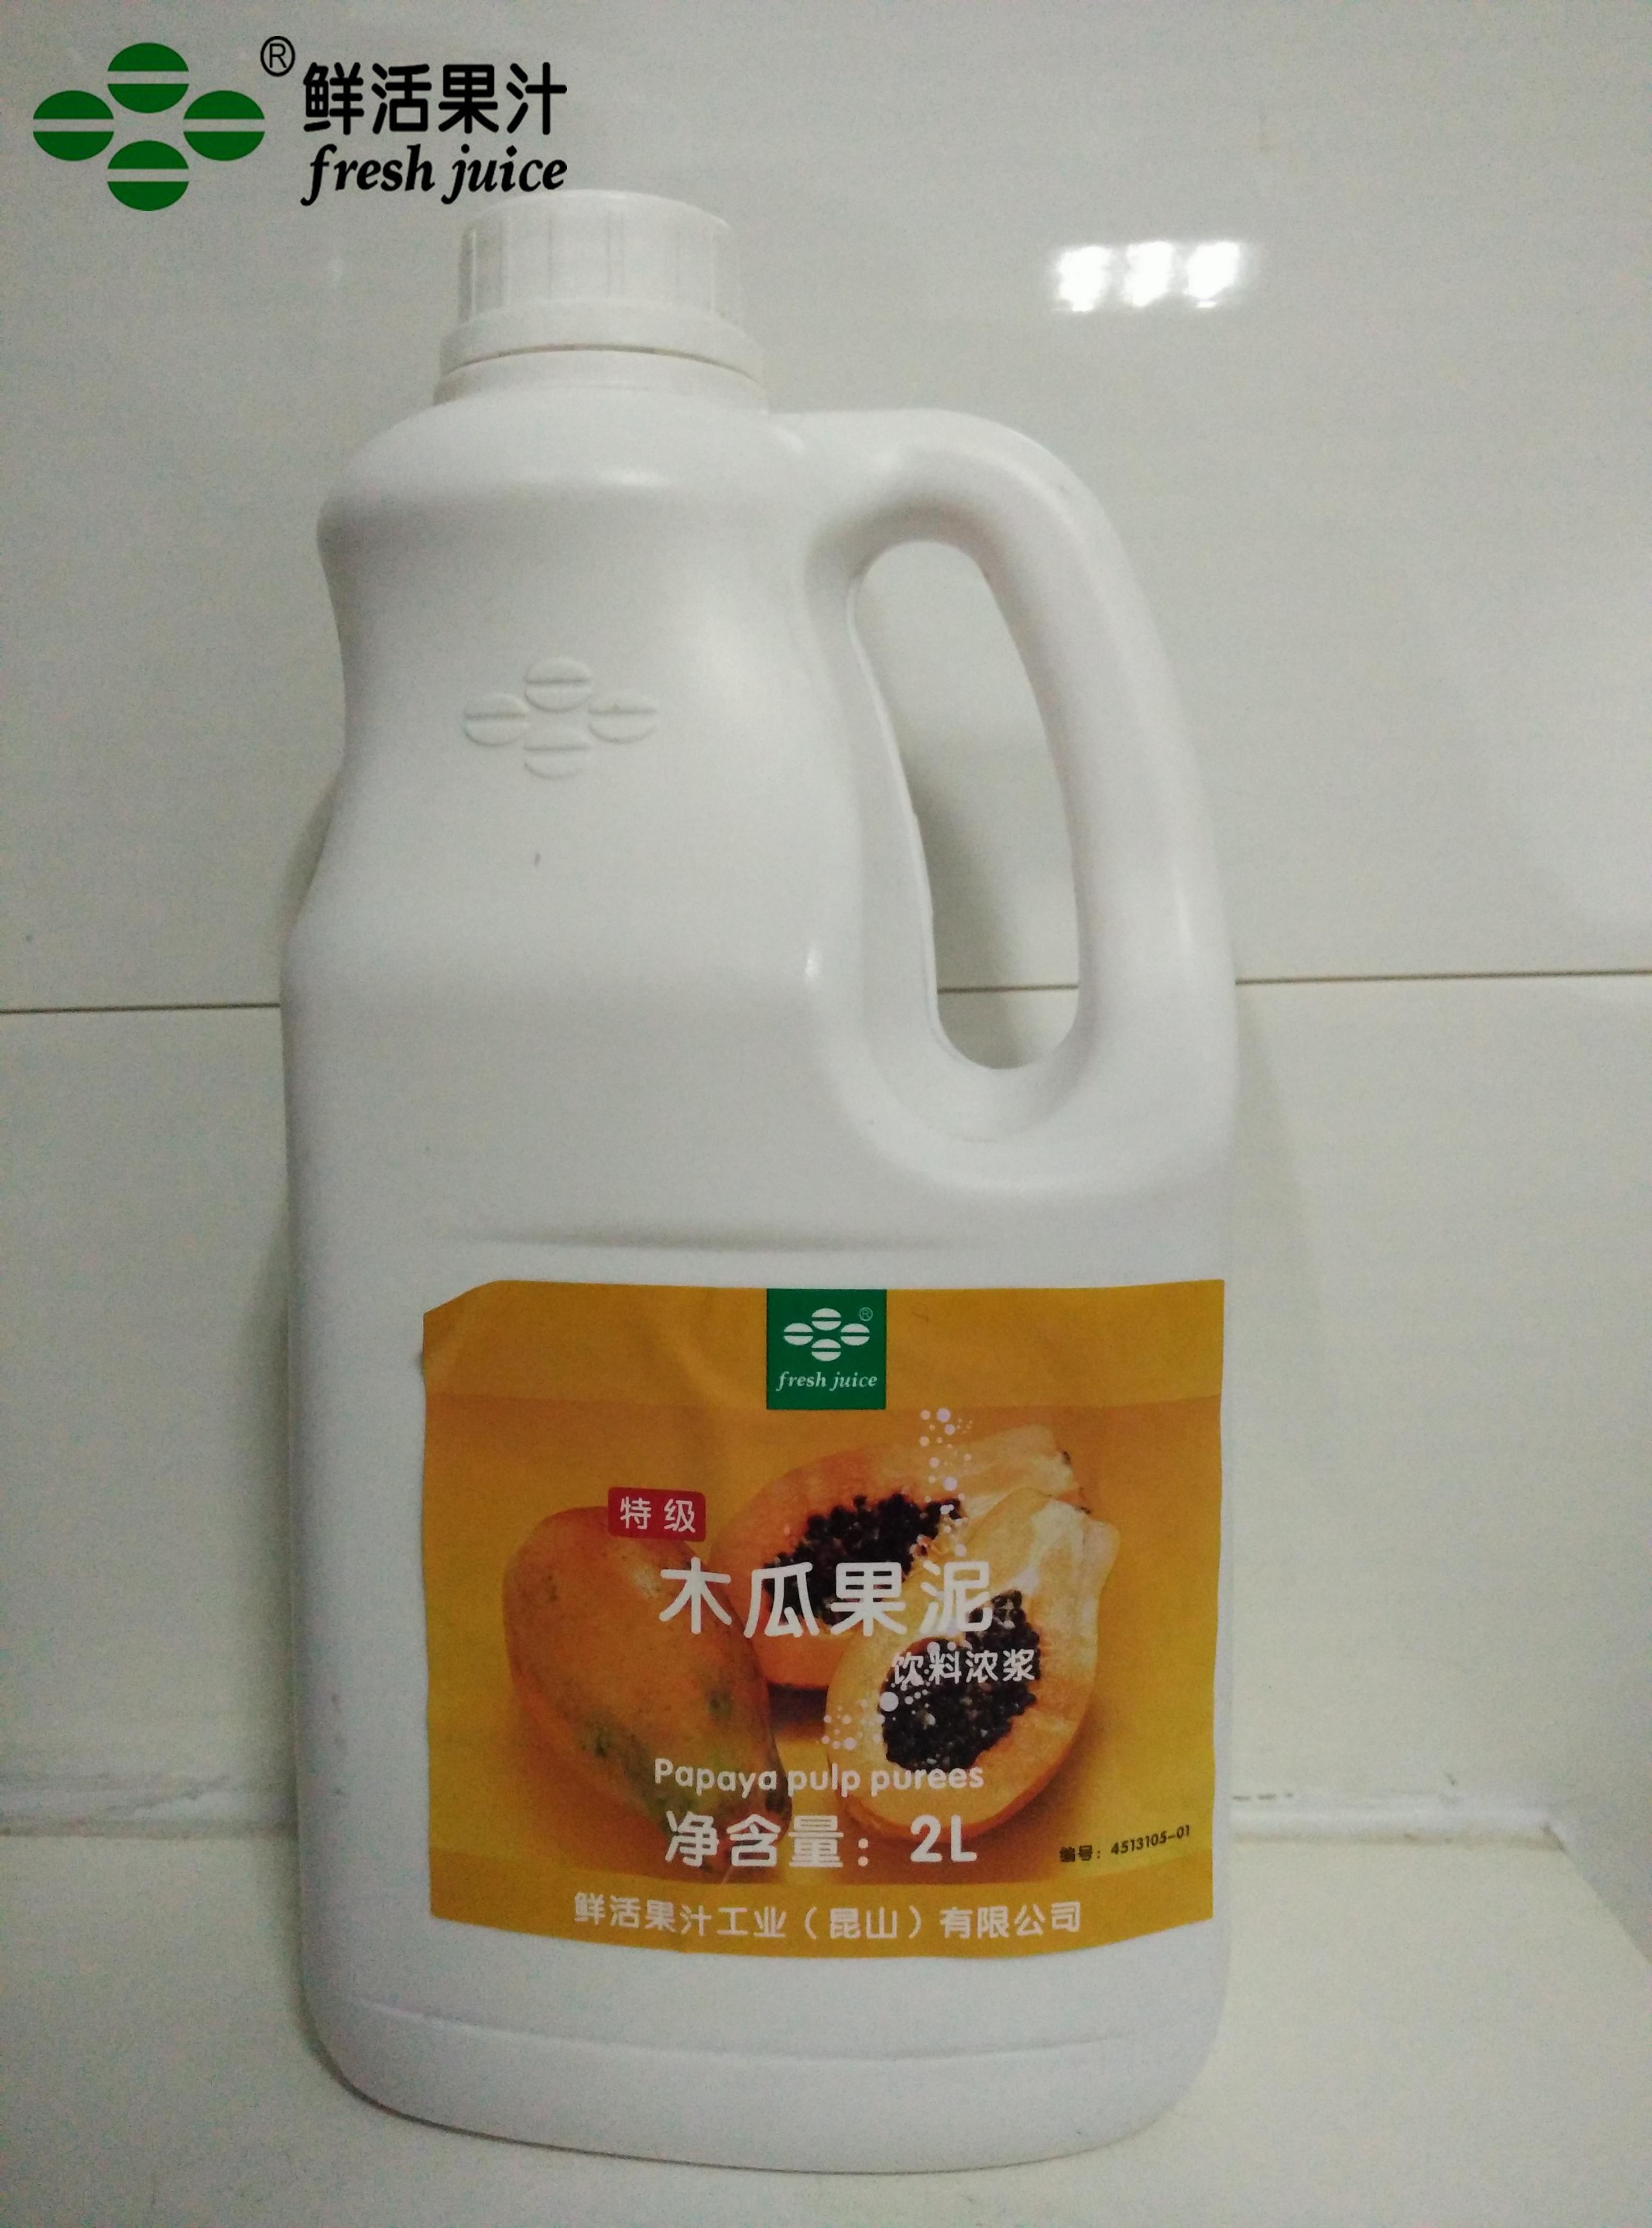 奶茶原料 鲜活特级木瓜果泥 2L/瓶 木瓜果浆 饮料浓浆 水果果泥